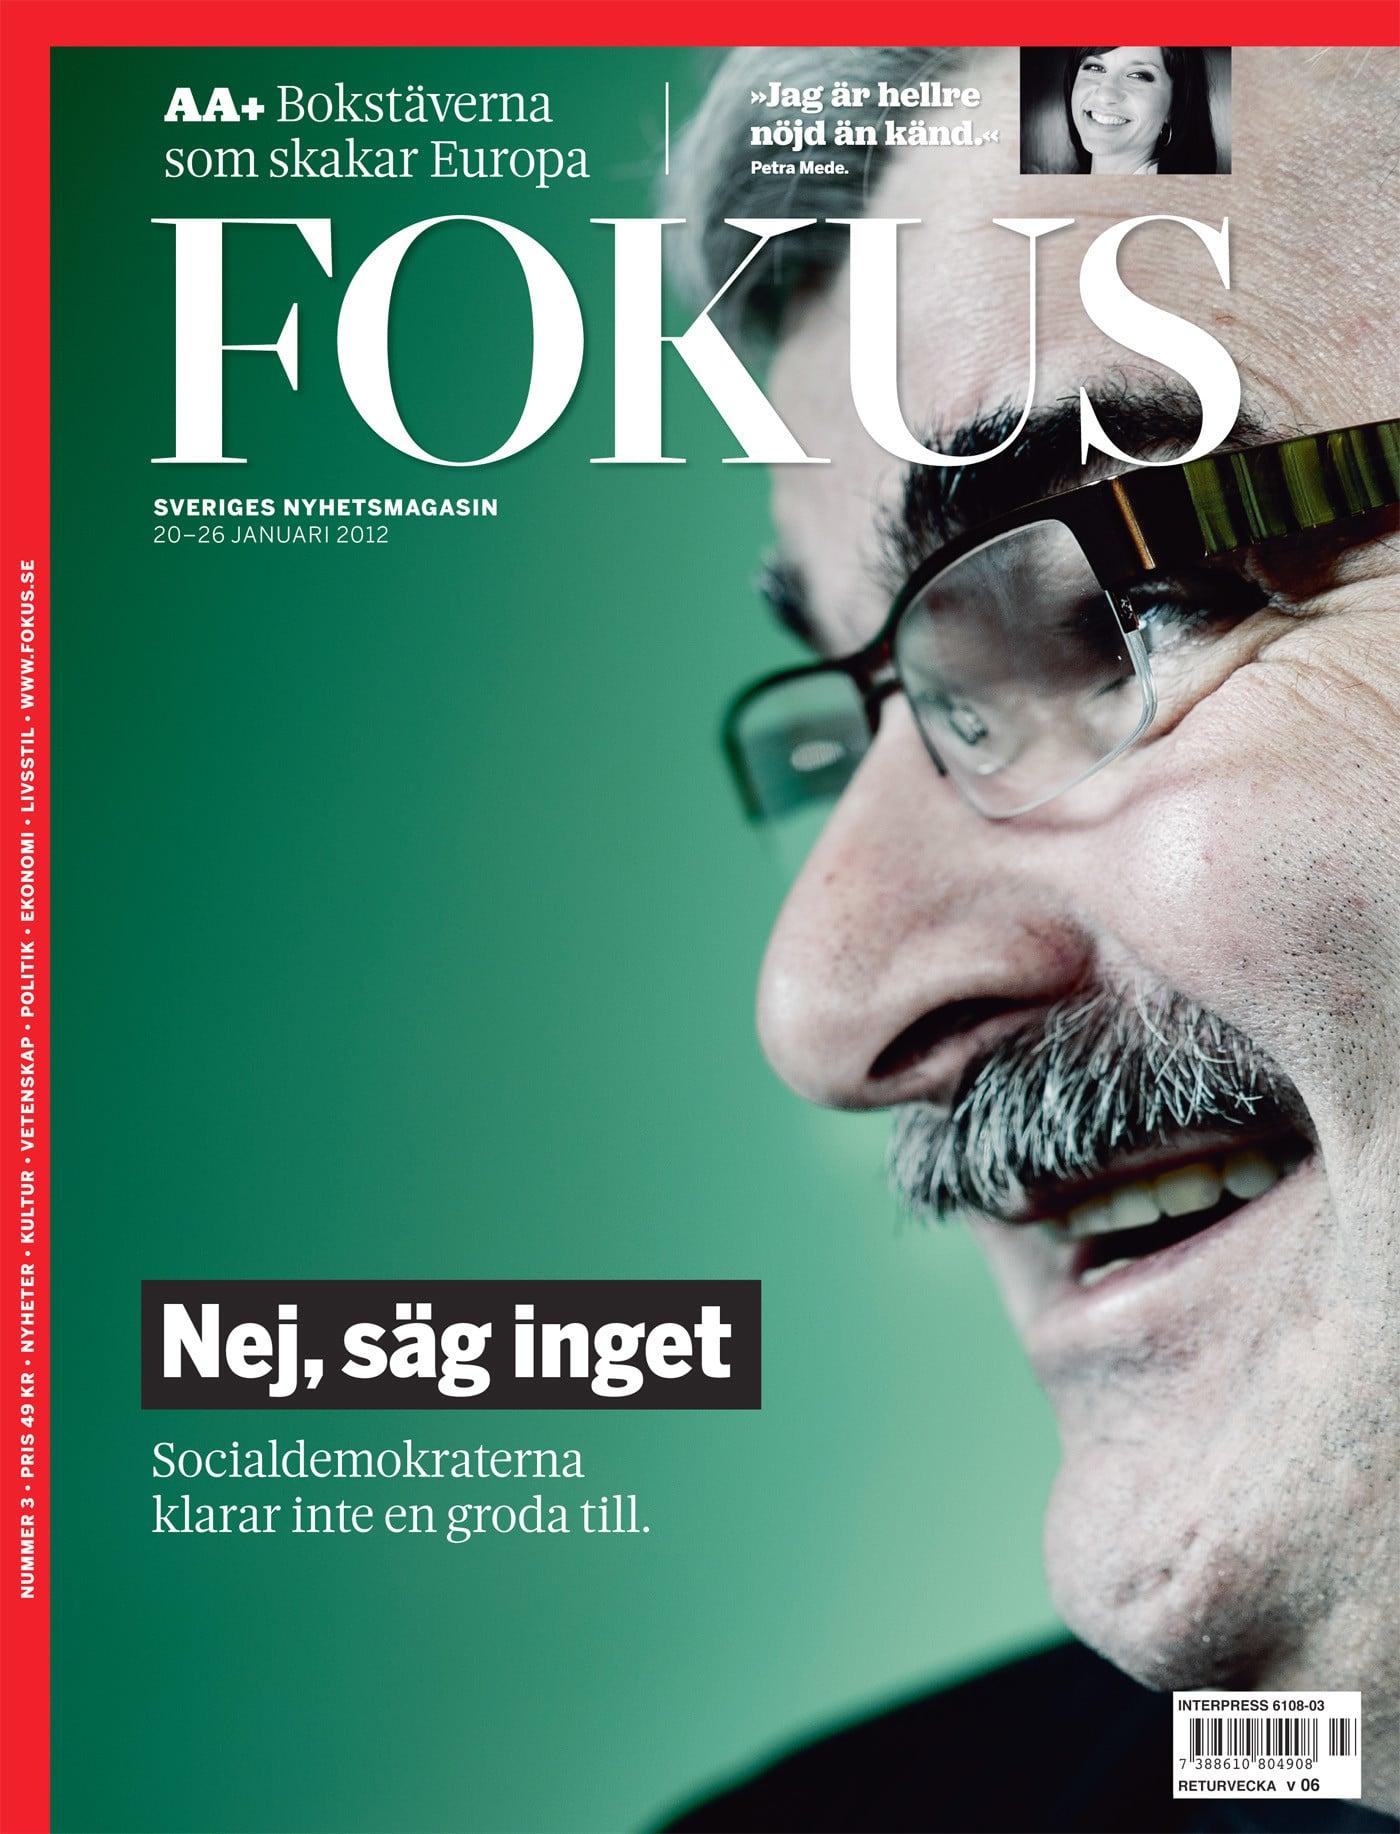 Håkan Juholt för Fokus